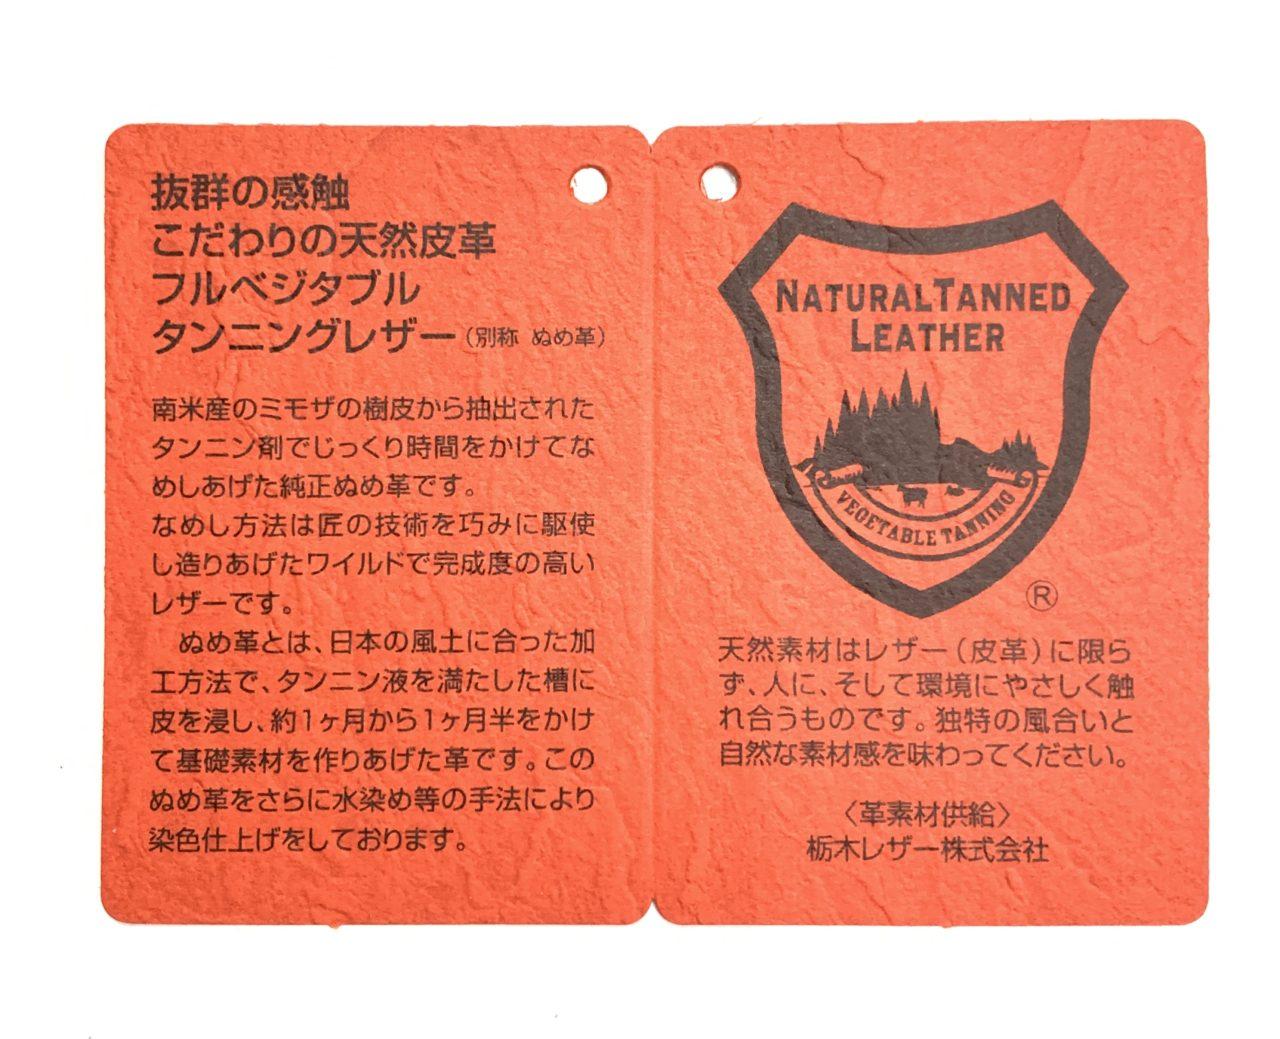 栃木レザー 本革 キーホルダー キーリング ウォレットコード レザーチャーム バッグチャーム カラビナ キーケース リングホルダー 革小物 牛革 日本製